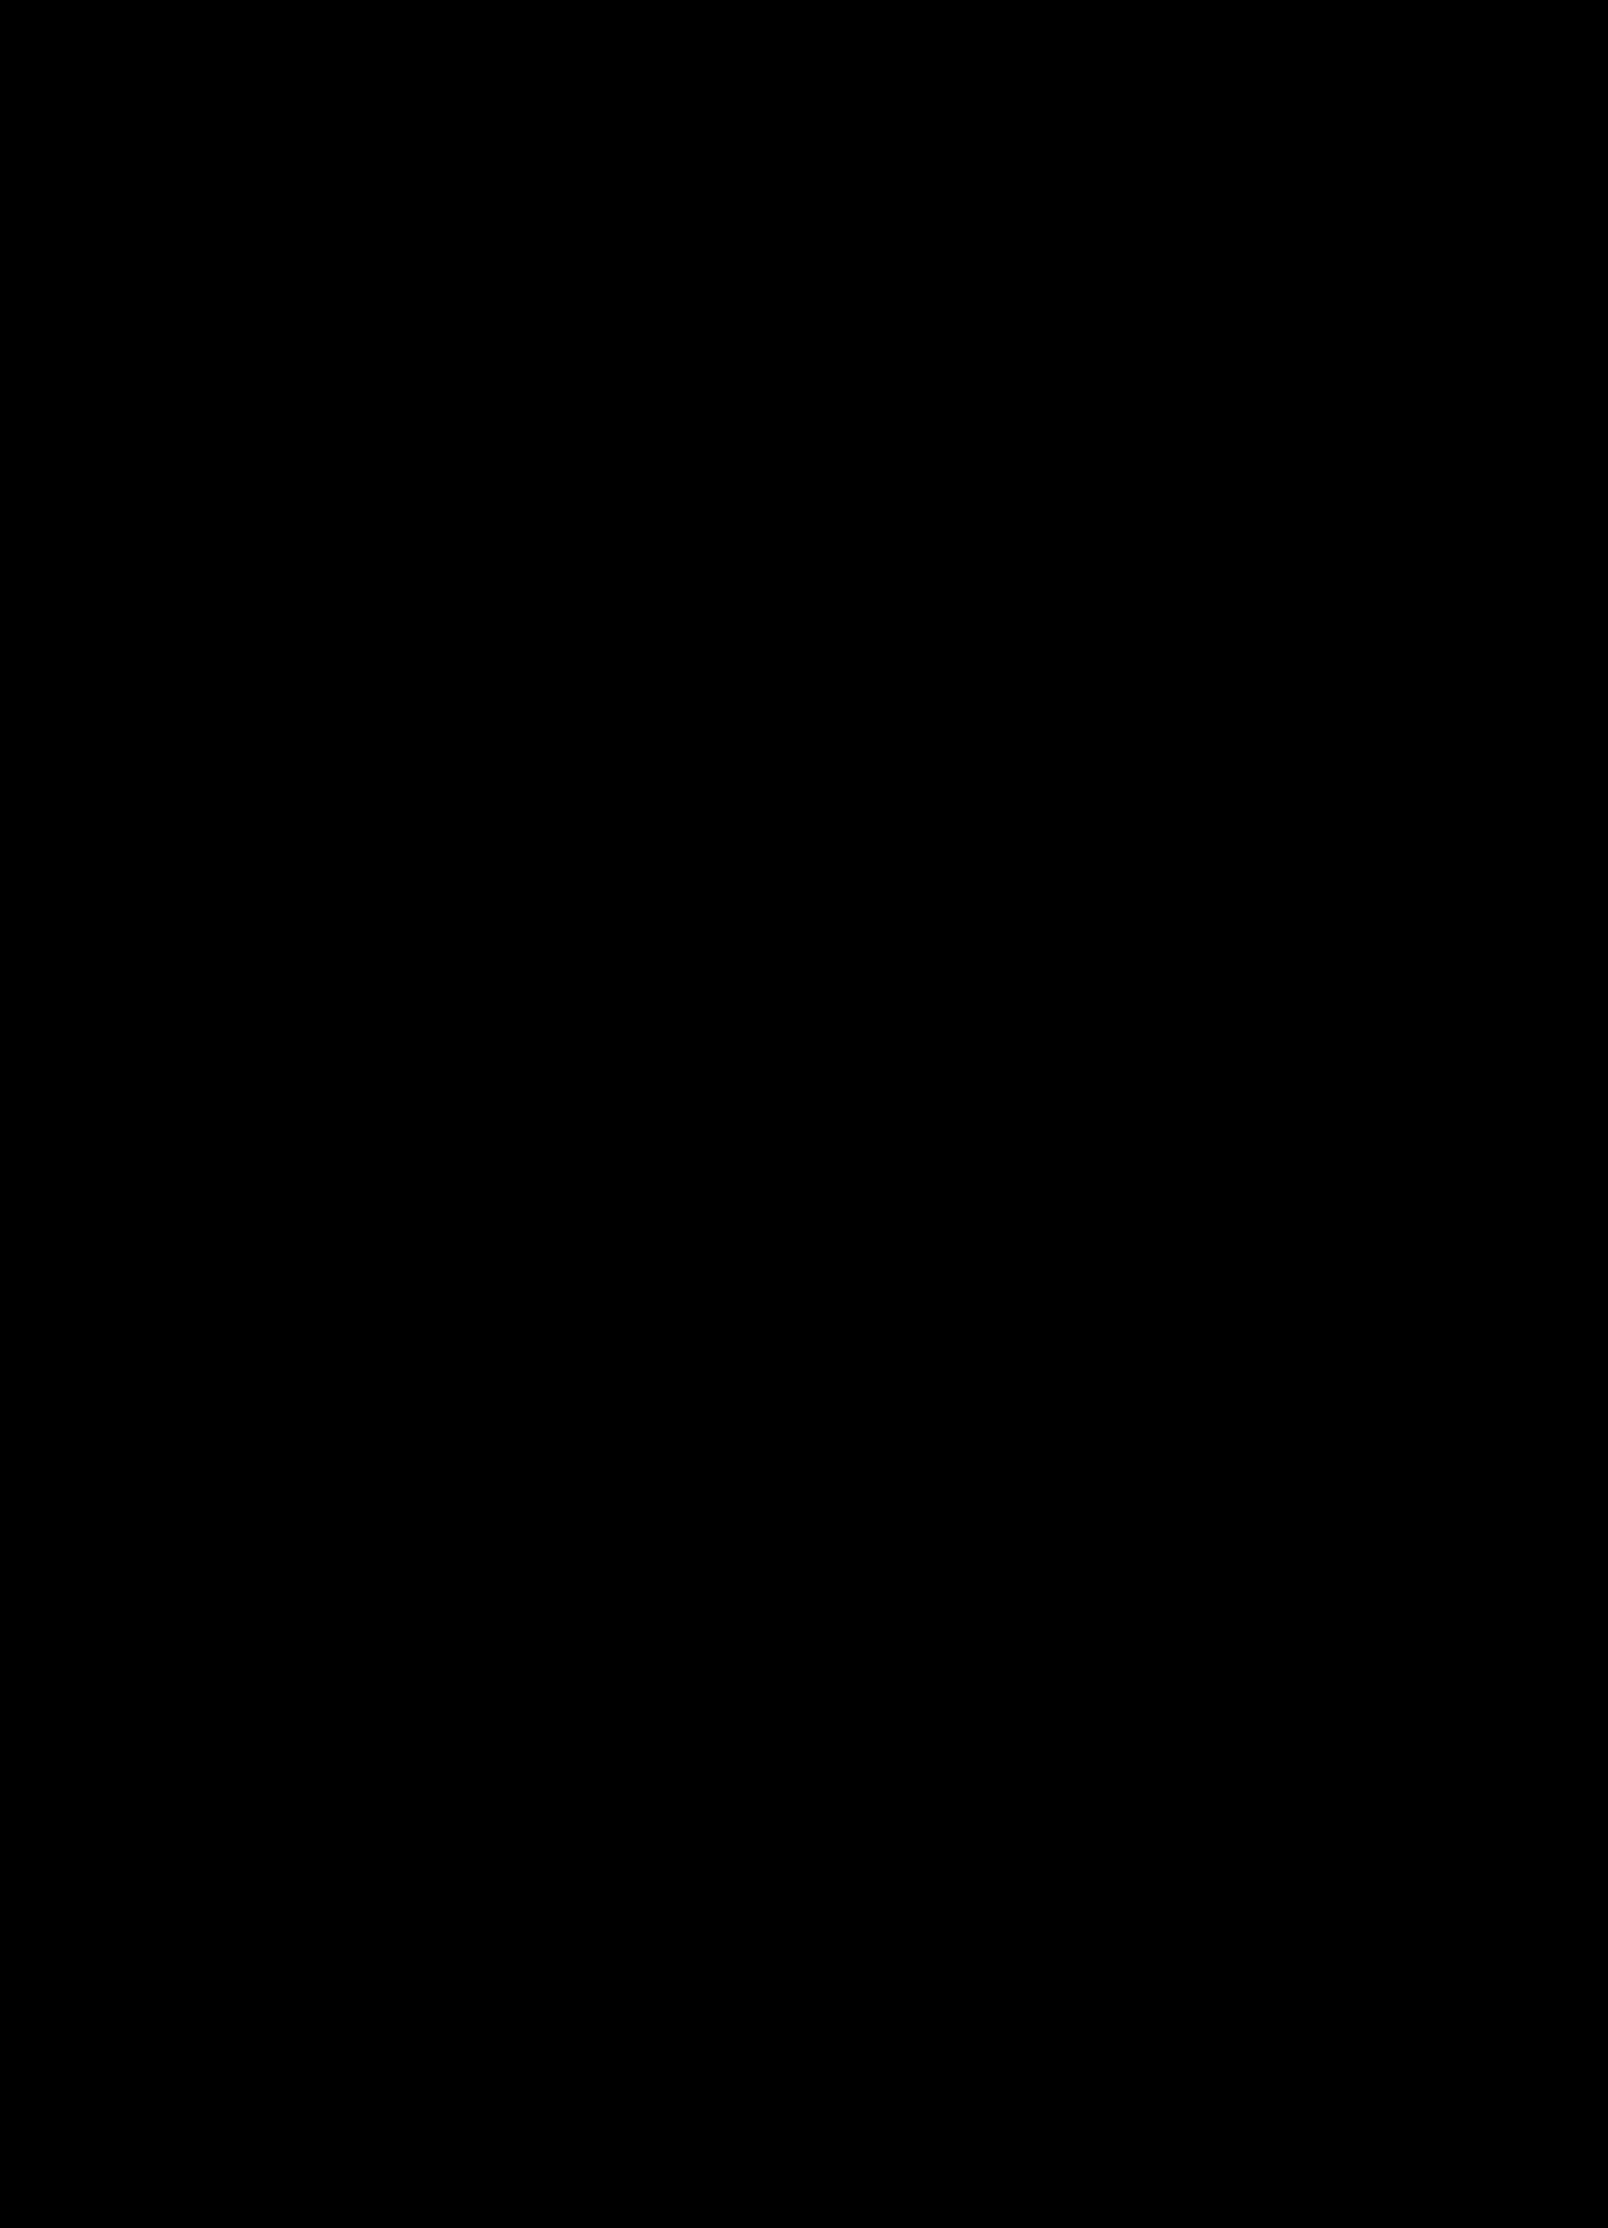 Female Profile Silhouette.